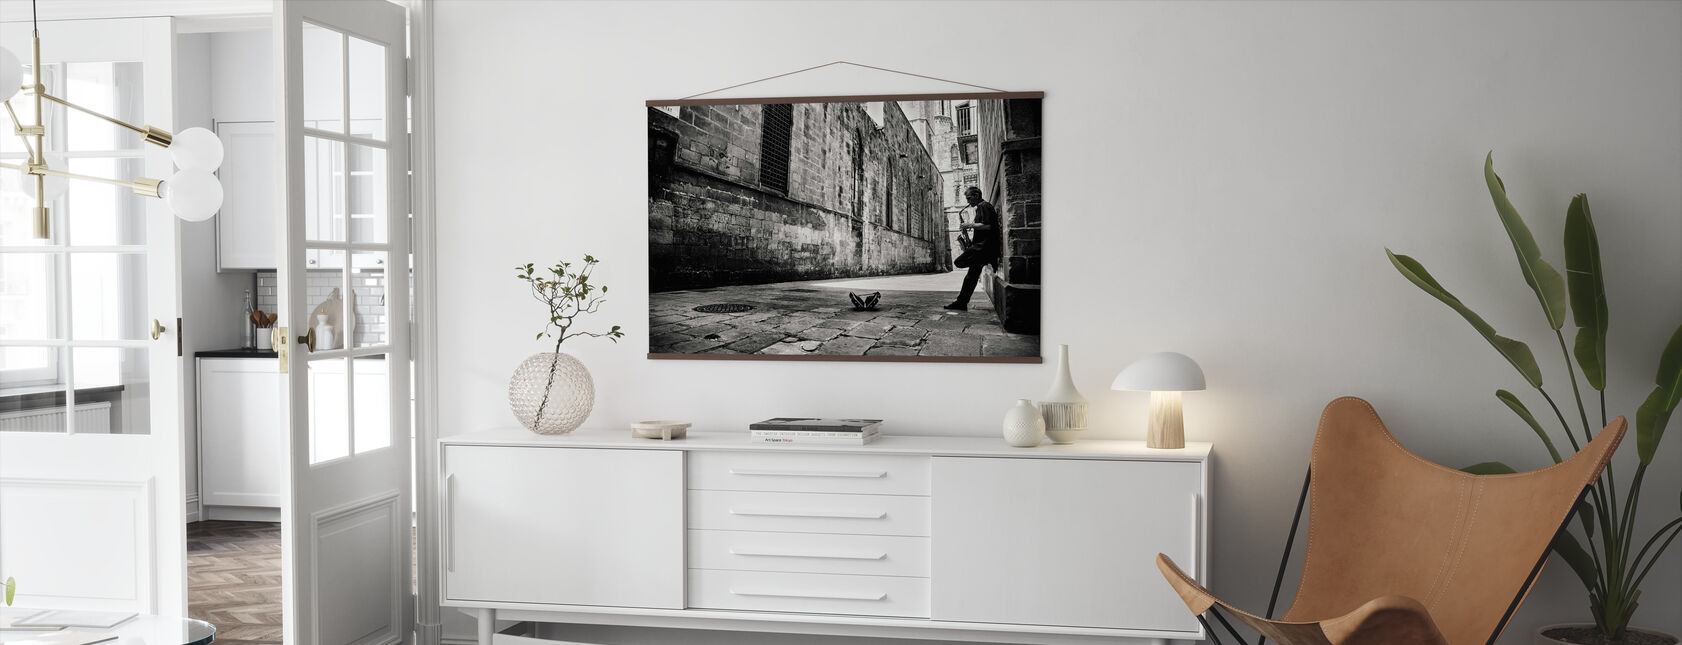 Silent Street, musta ja valkoinen - Juliste - Olohuone